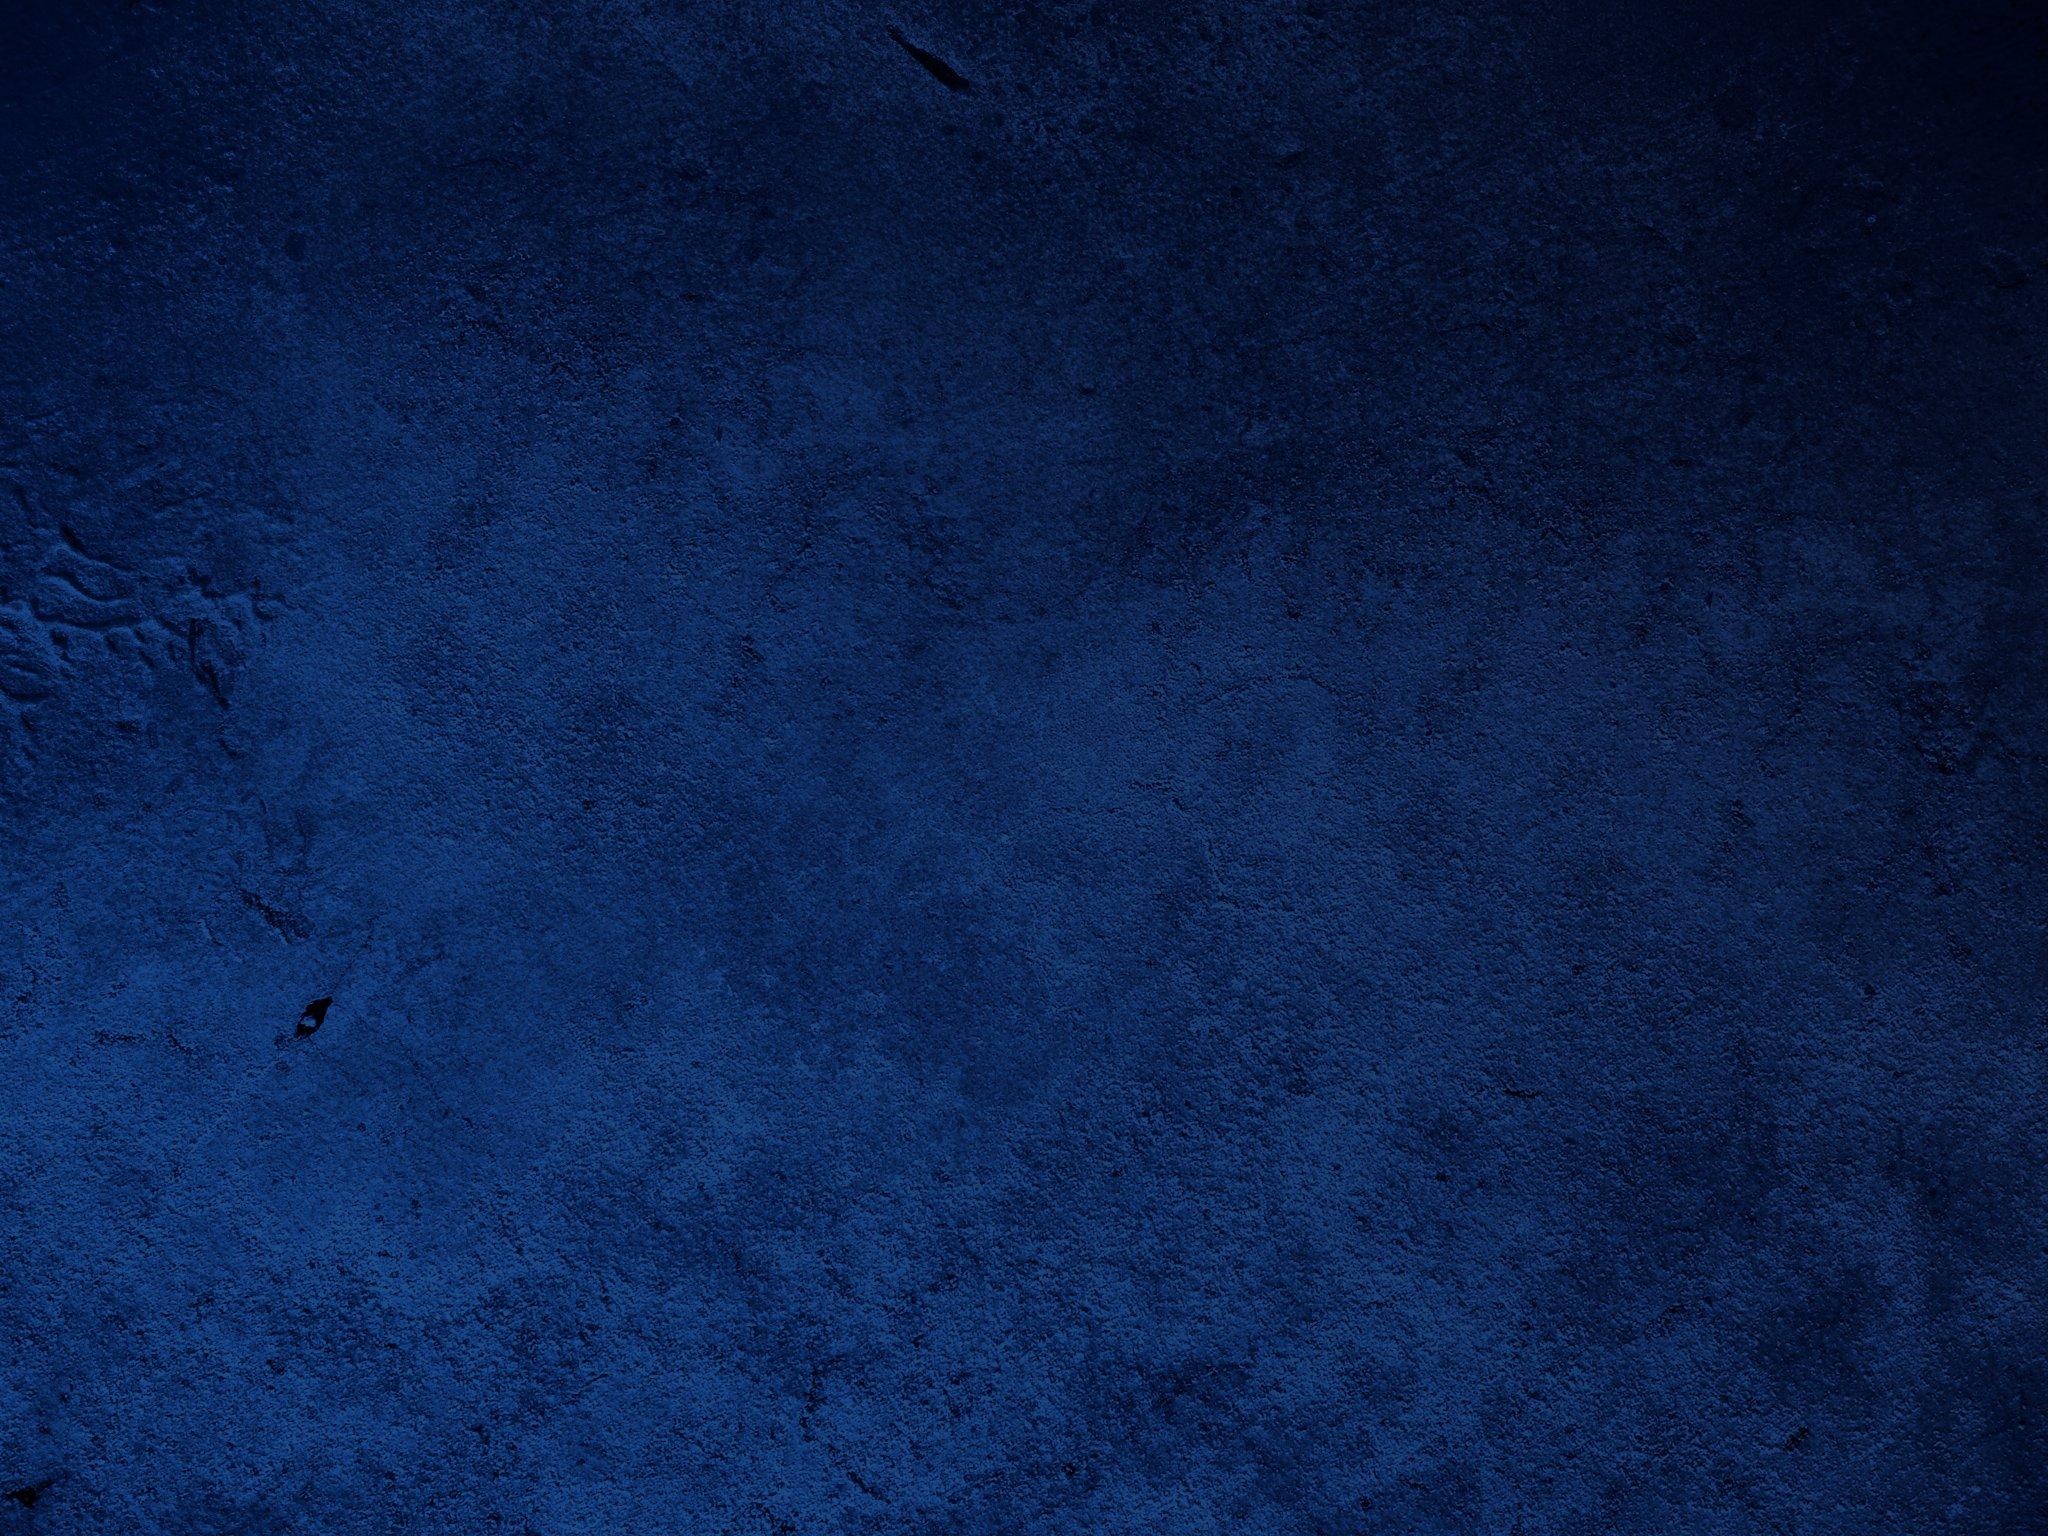 blue med 20090122 textured blue glass color light blue 122 2048x1536